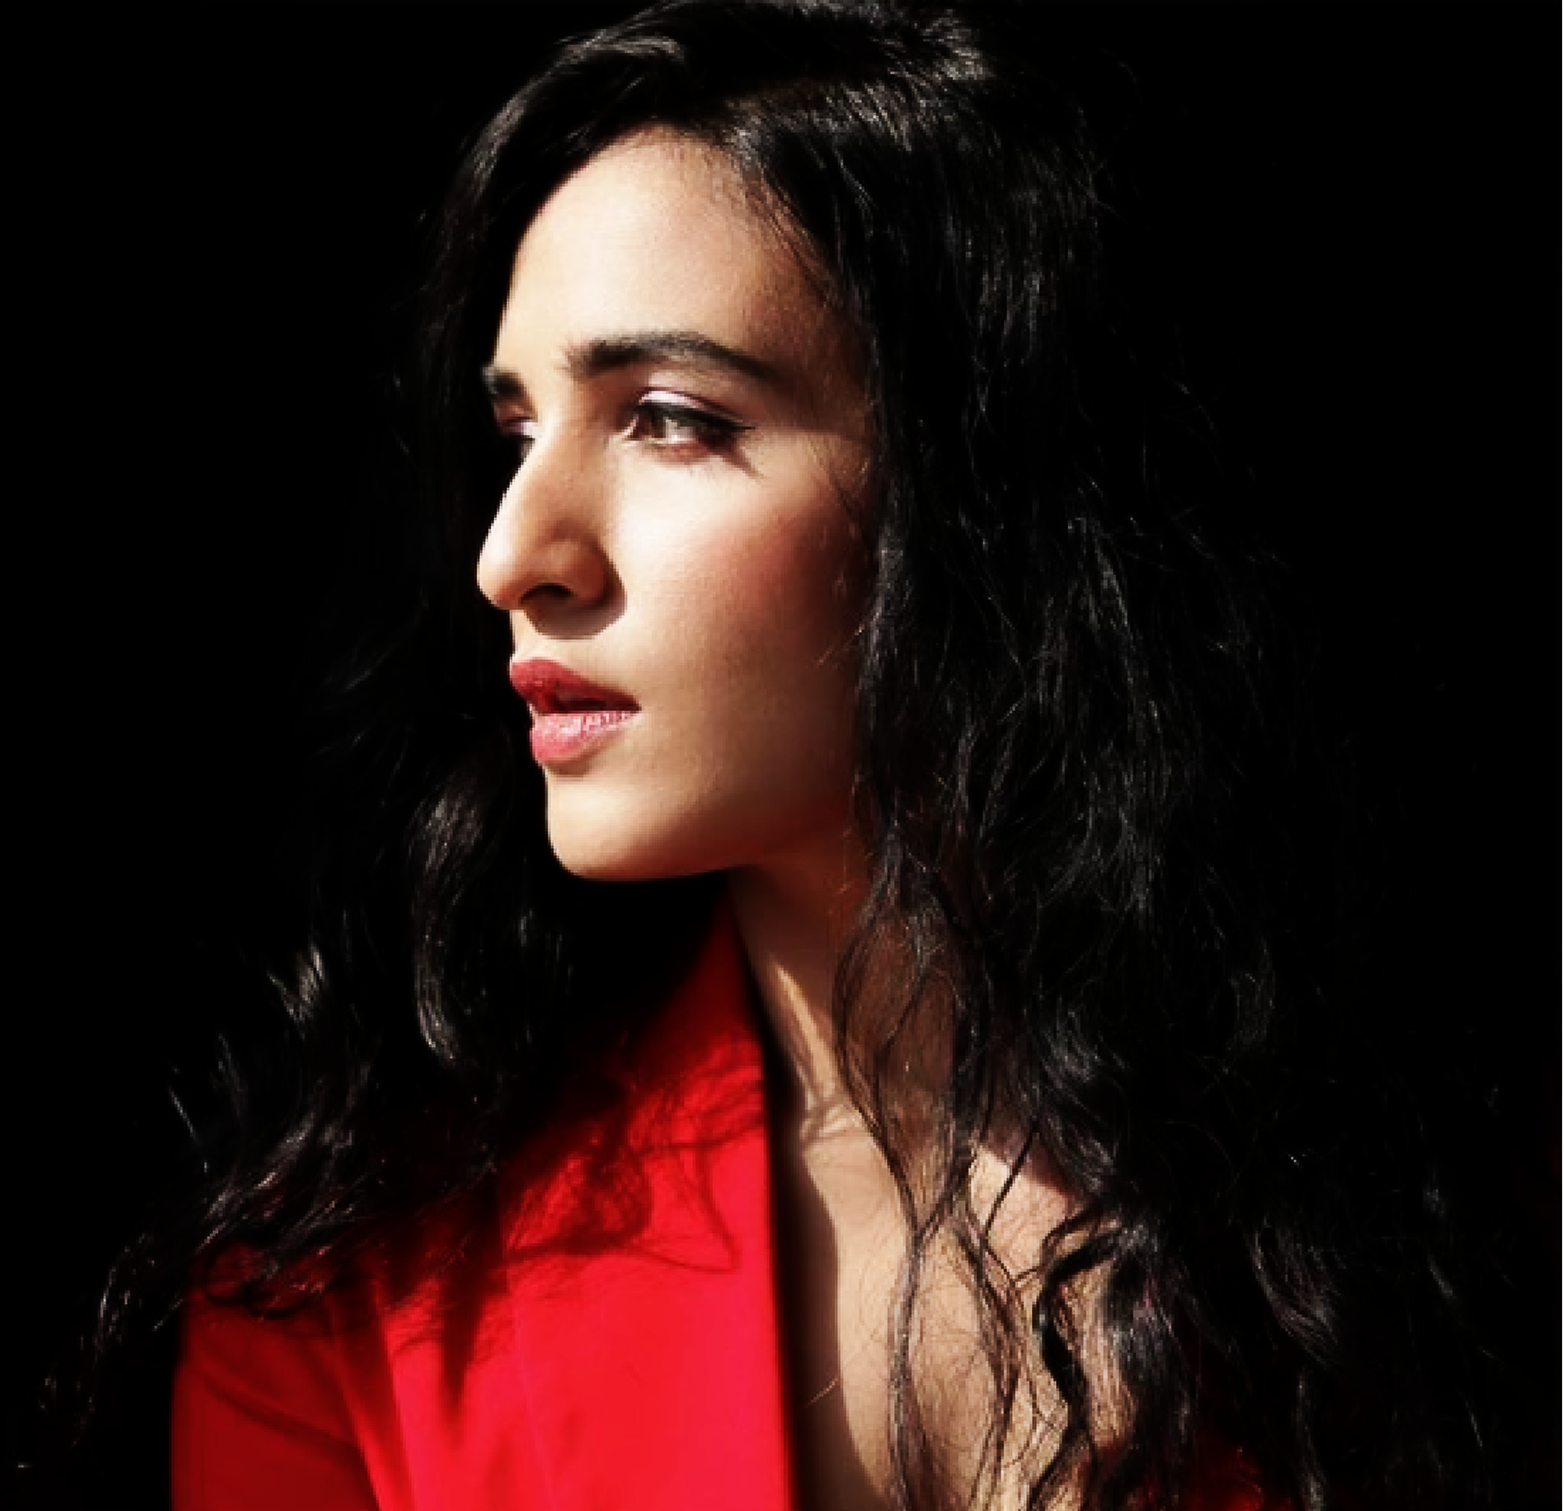 Serin 's profile picture